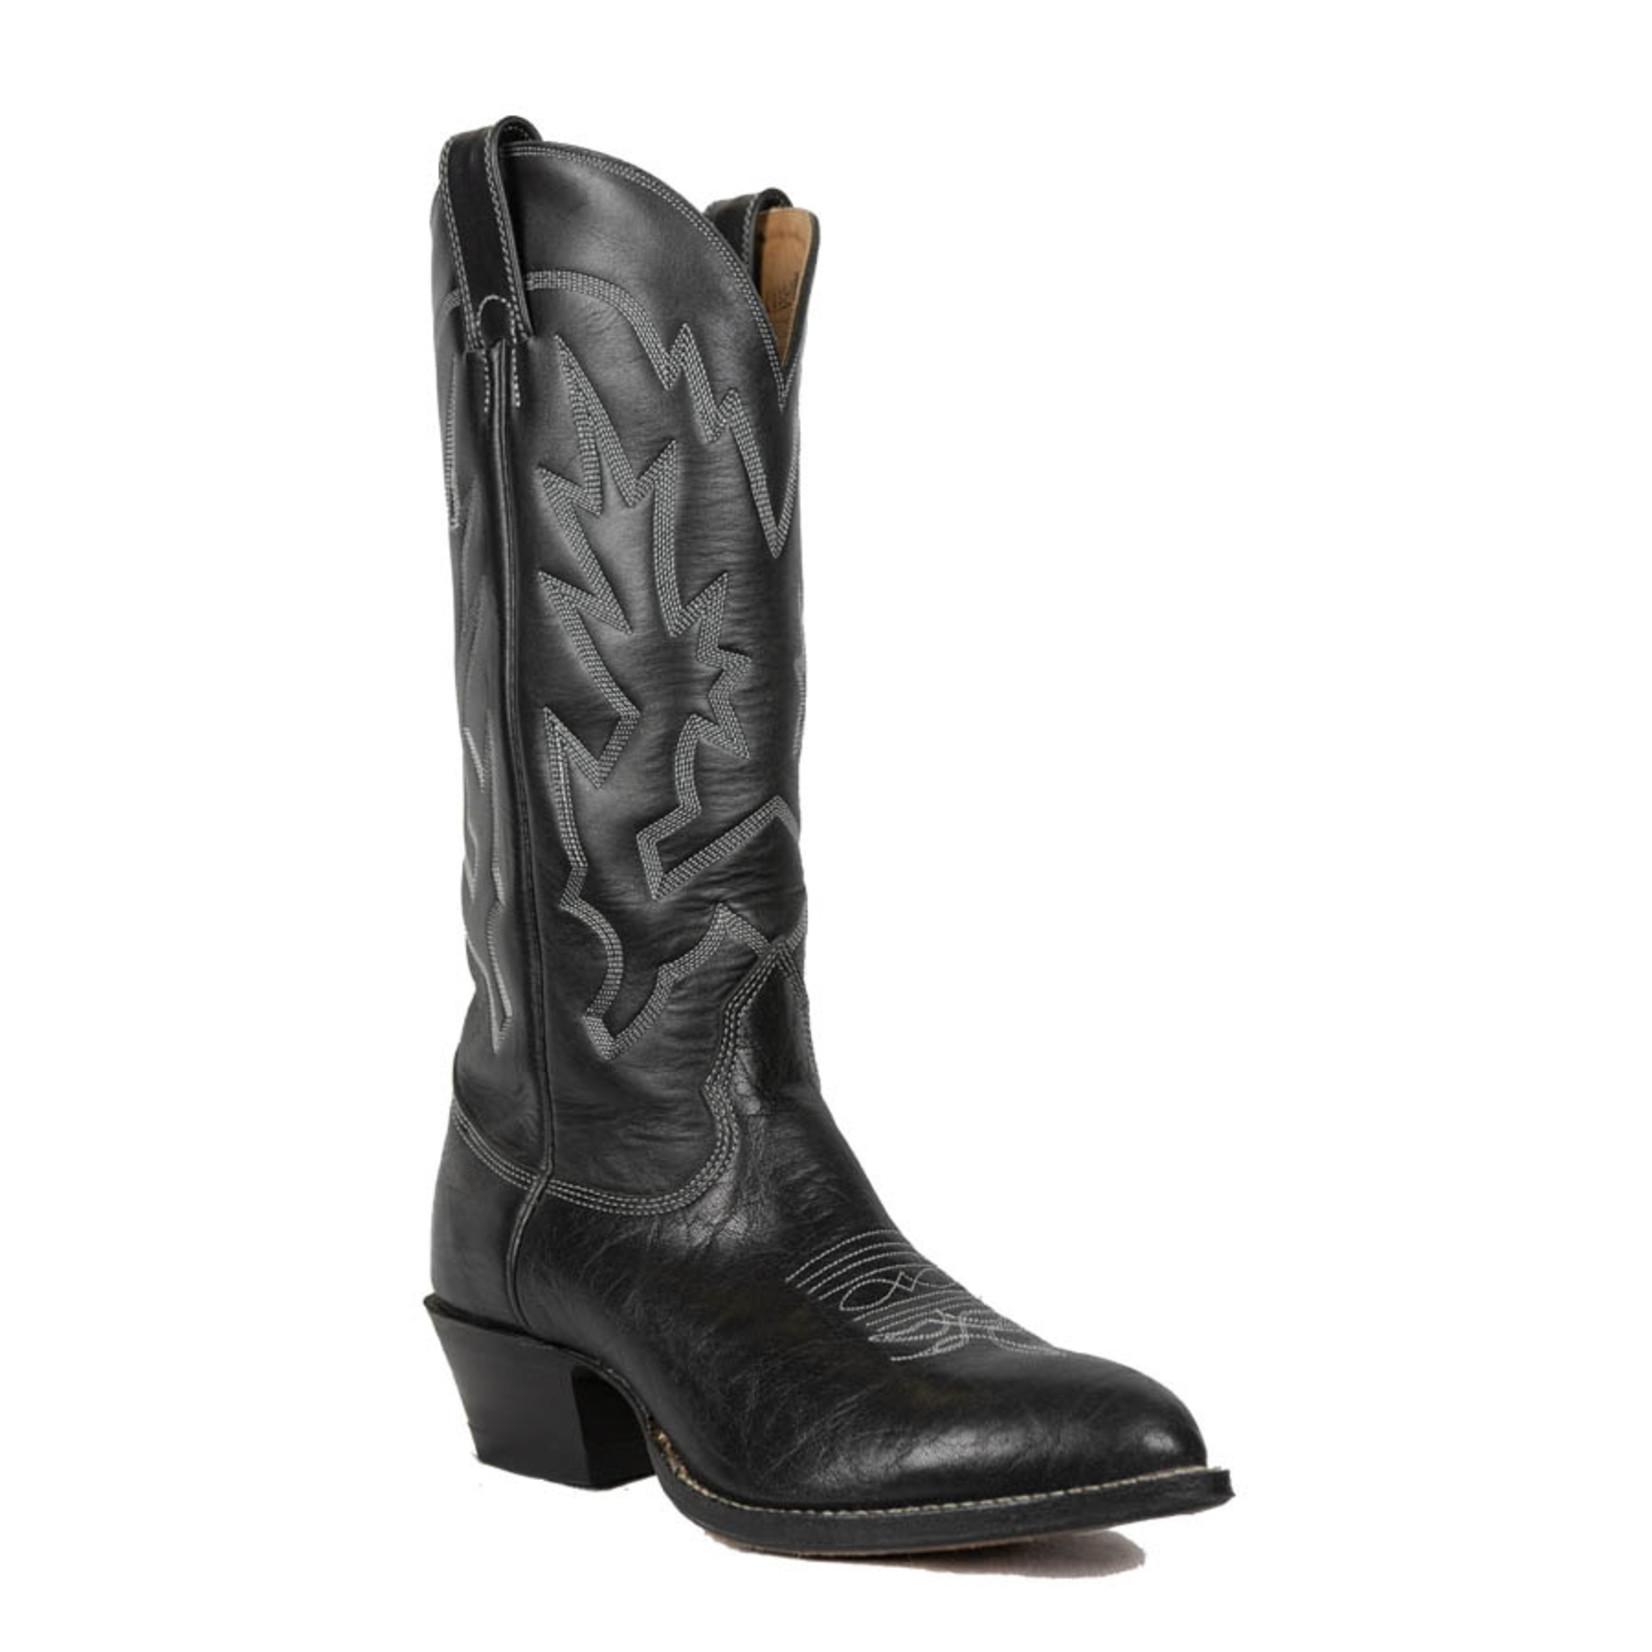 Alberta Boots Alberta Boot Men's Bullhide Cowboy Boot 133TB 2E